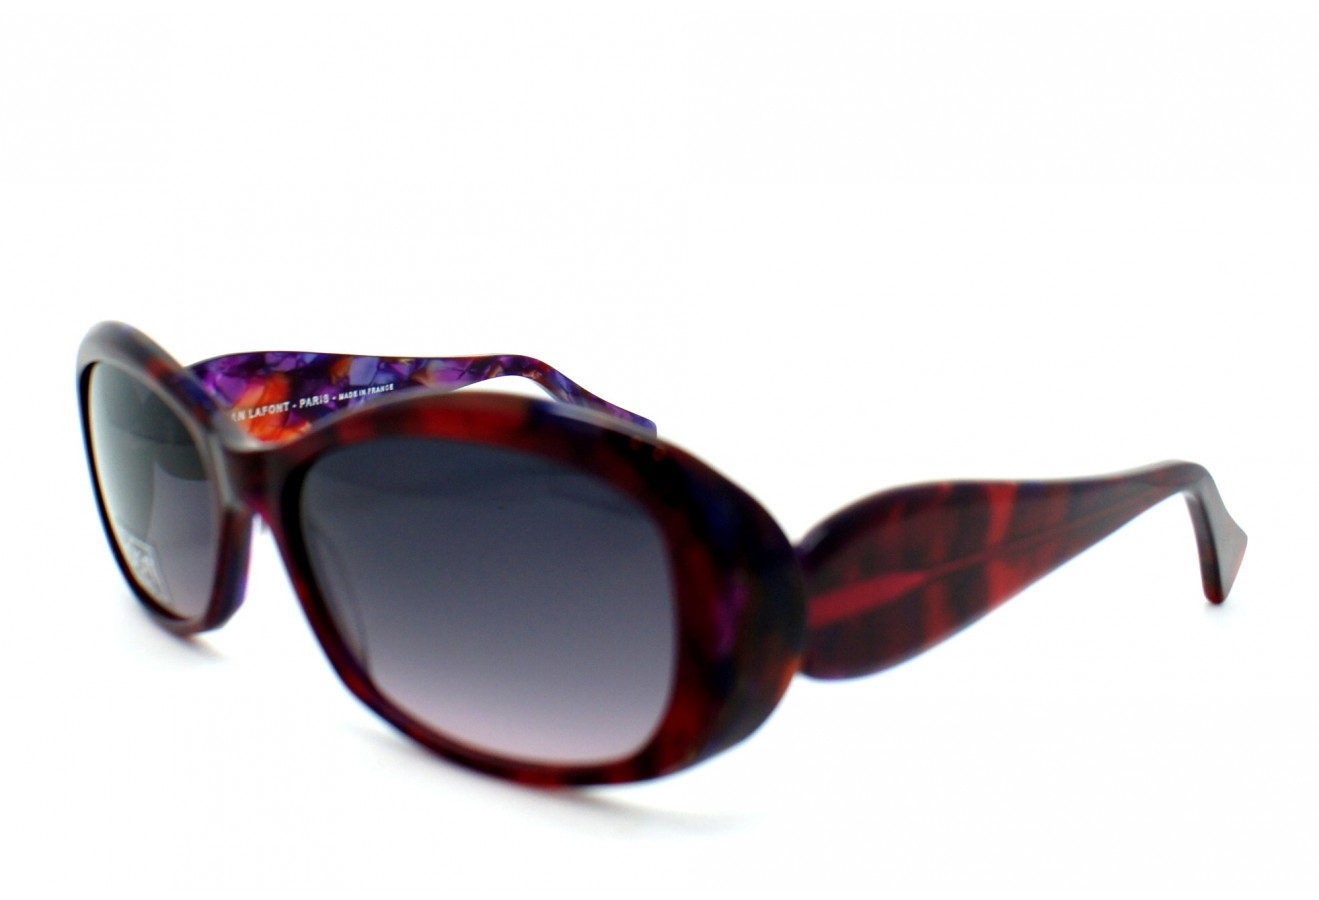 lunettes de soleil lafont fauve 621 56 16. Black Bedroom Furniture Sets. Home Design Ideas